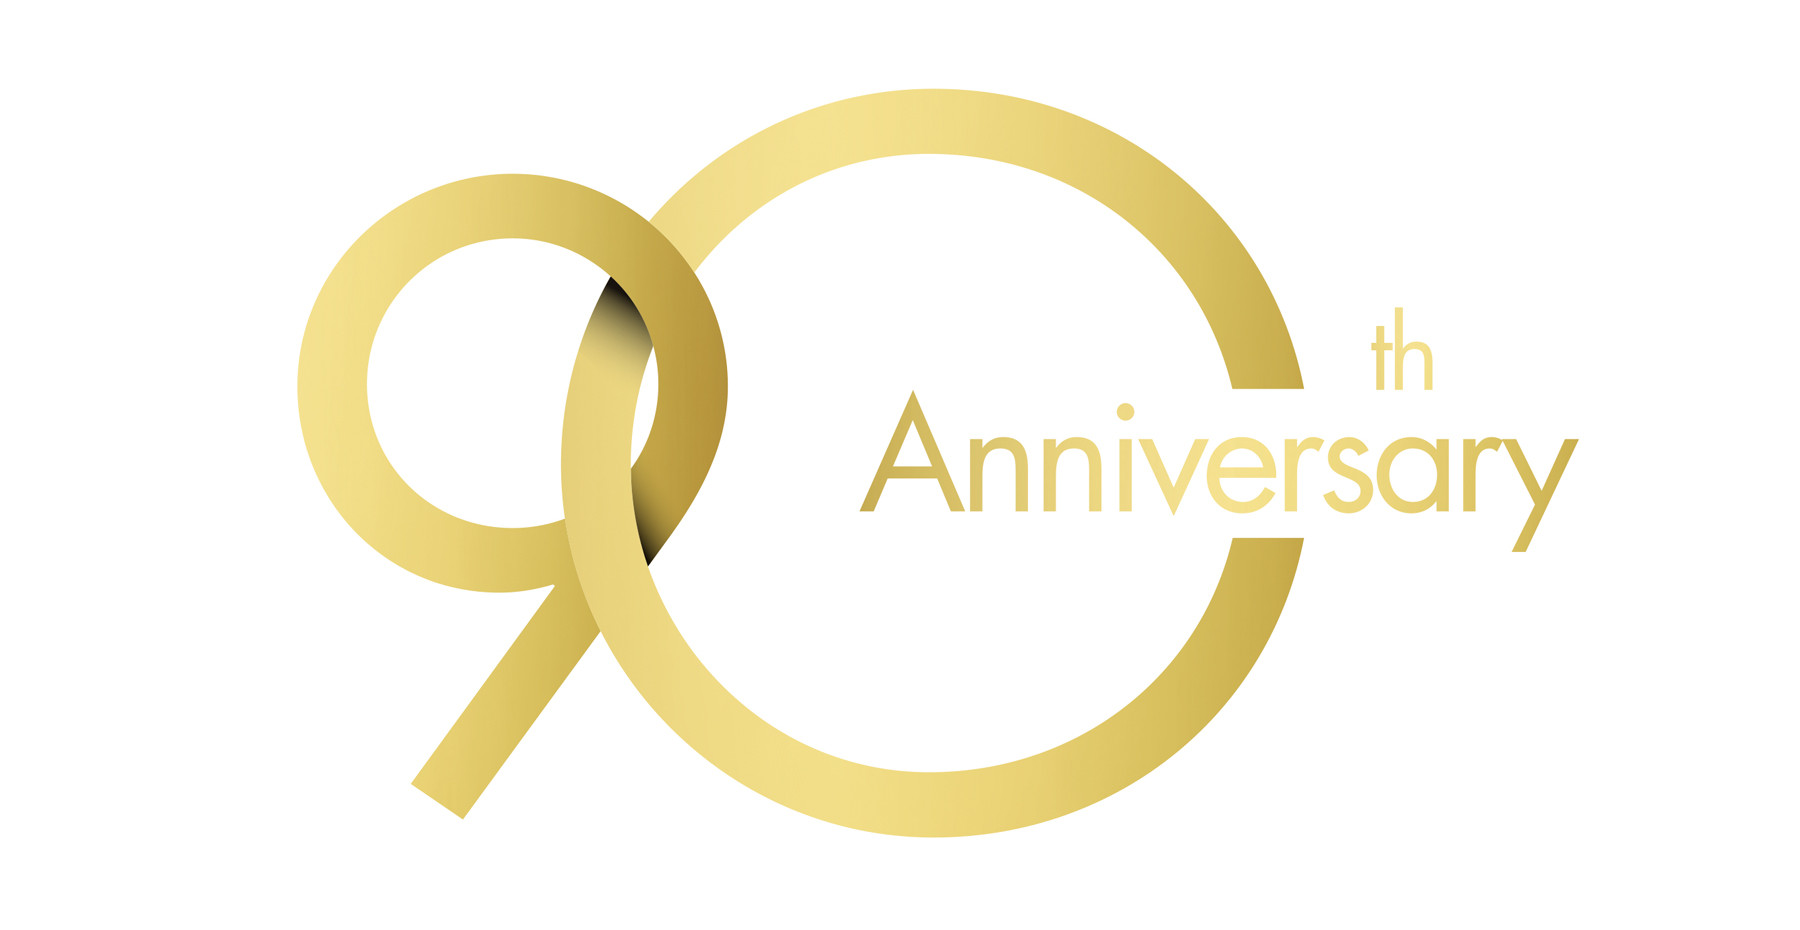 STAINLESS-logo 90 ans.jpg